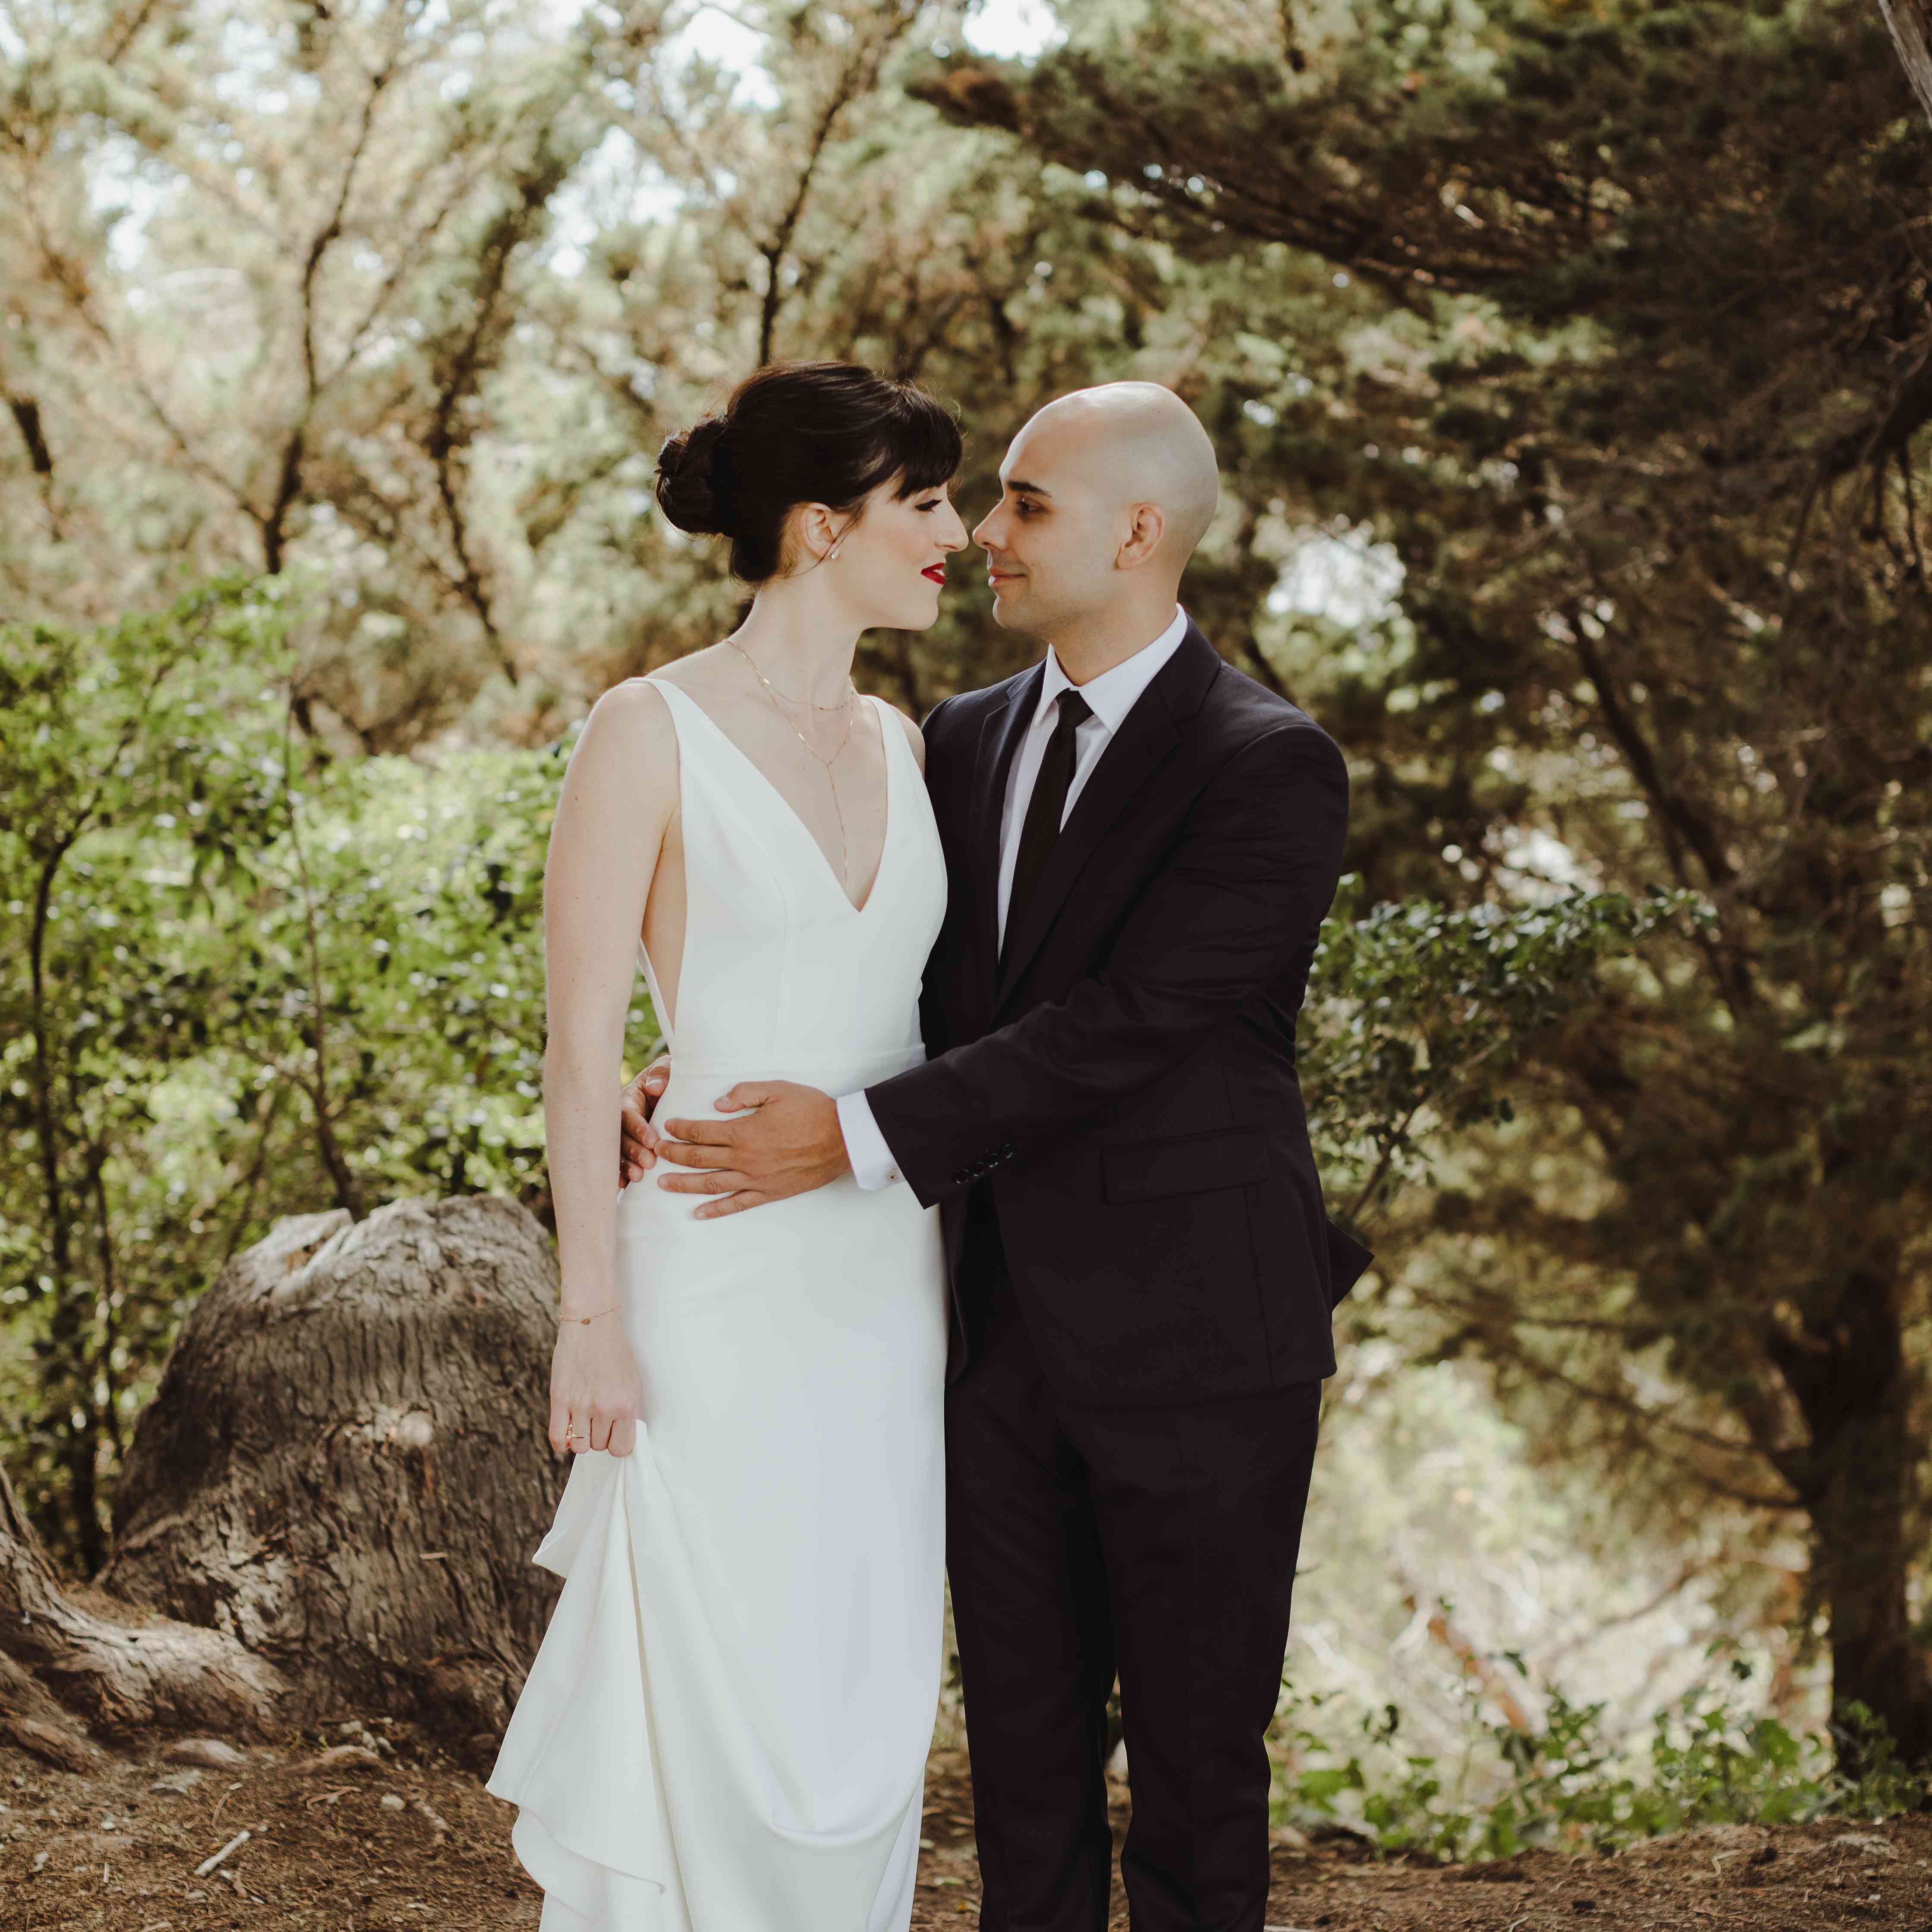 <p>bride and groom outdoor wedding</p><br><br>